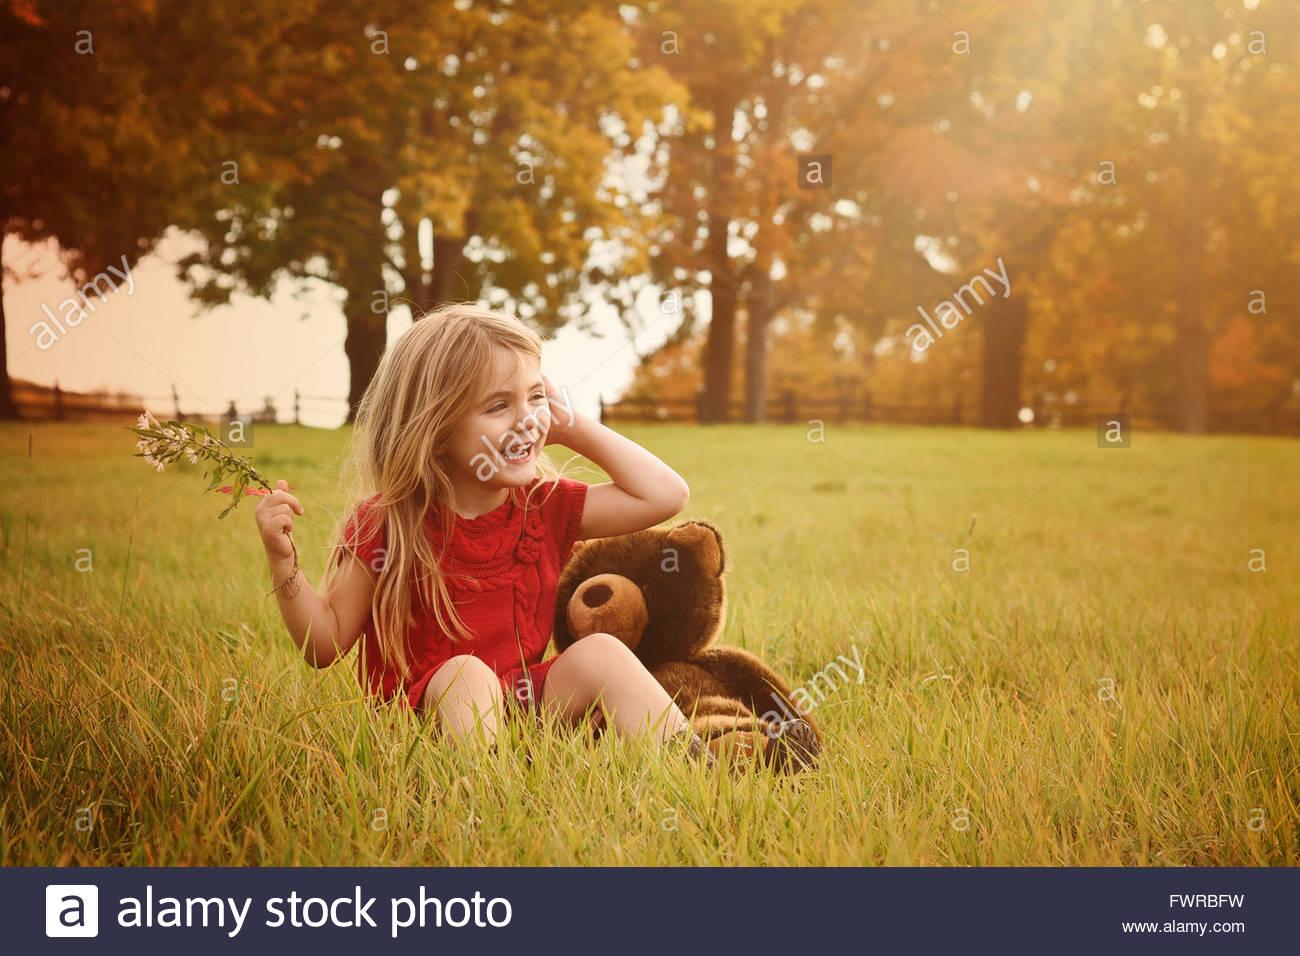 Una niña pequeña está sentada fuera del país con el pasto verde y el sol de la felicidad o el Imagen De Stock